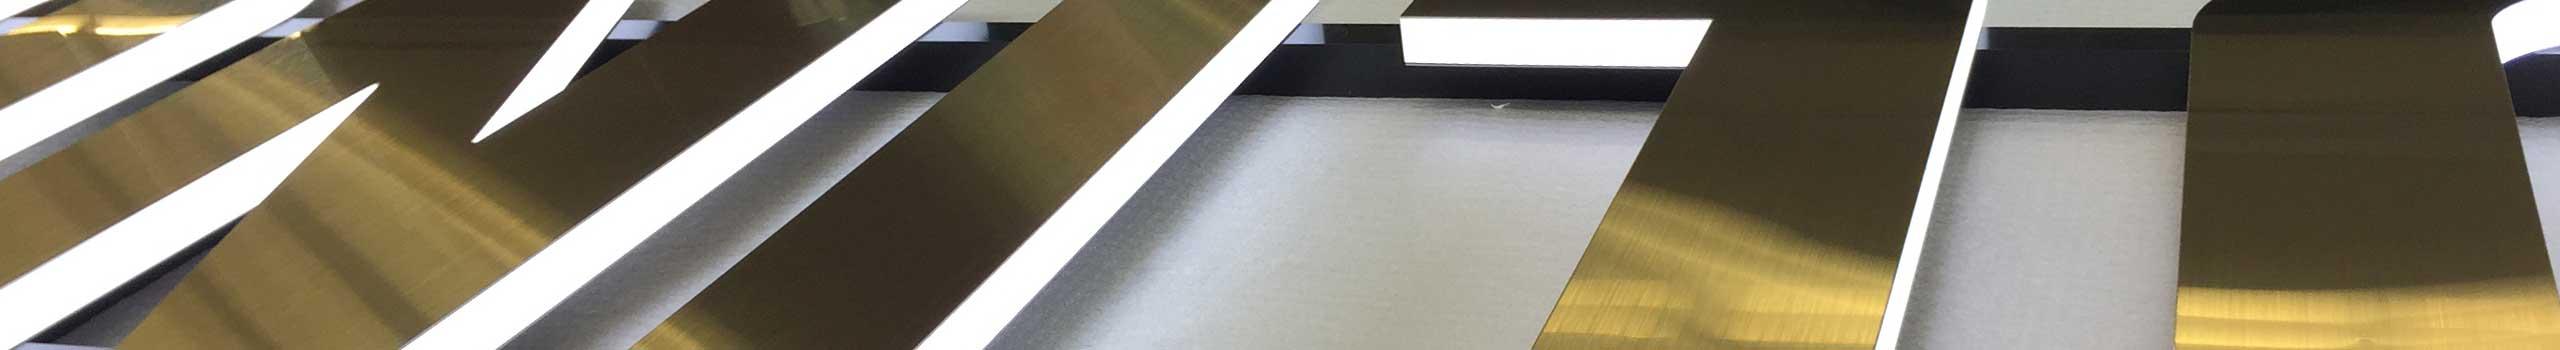 slider-produkte-vollacrylbuchstaben-01